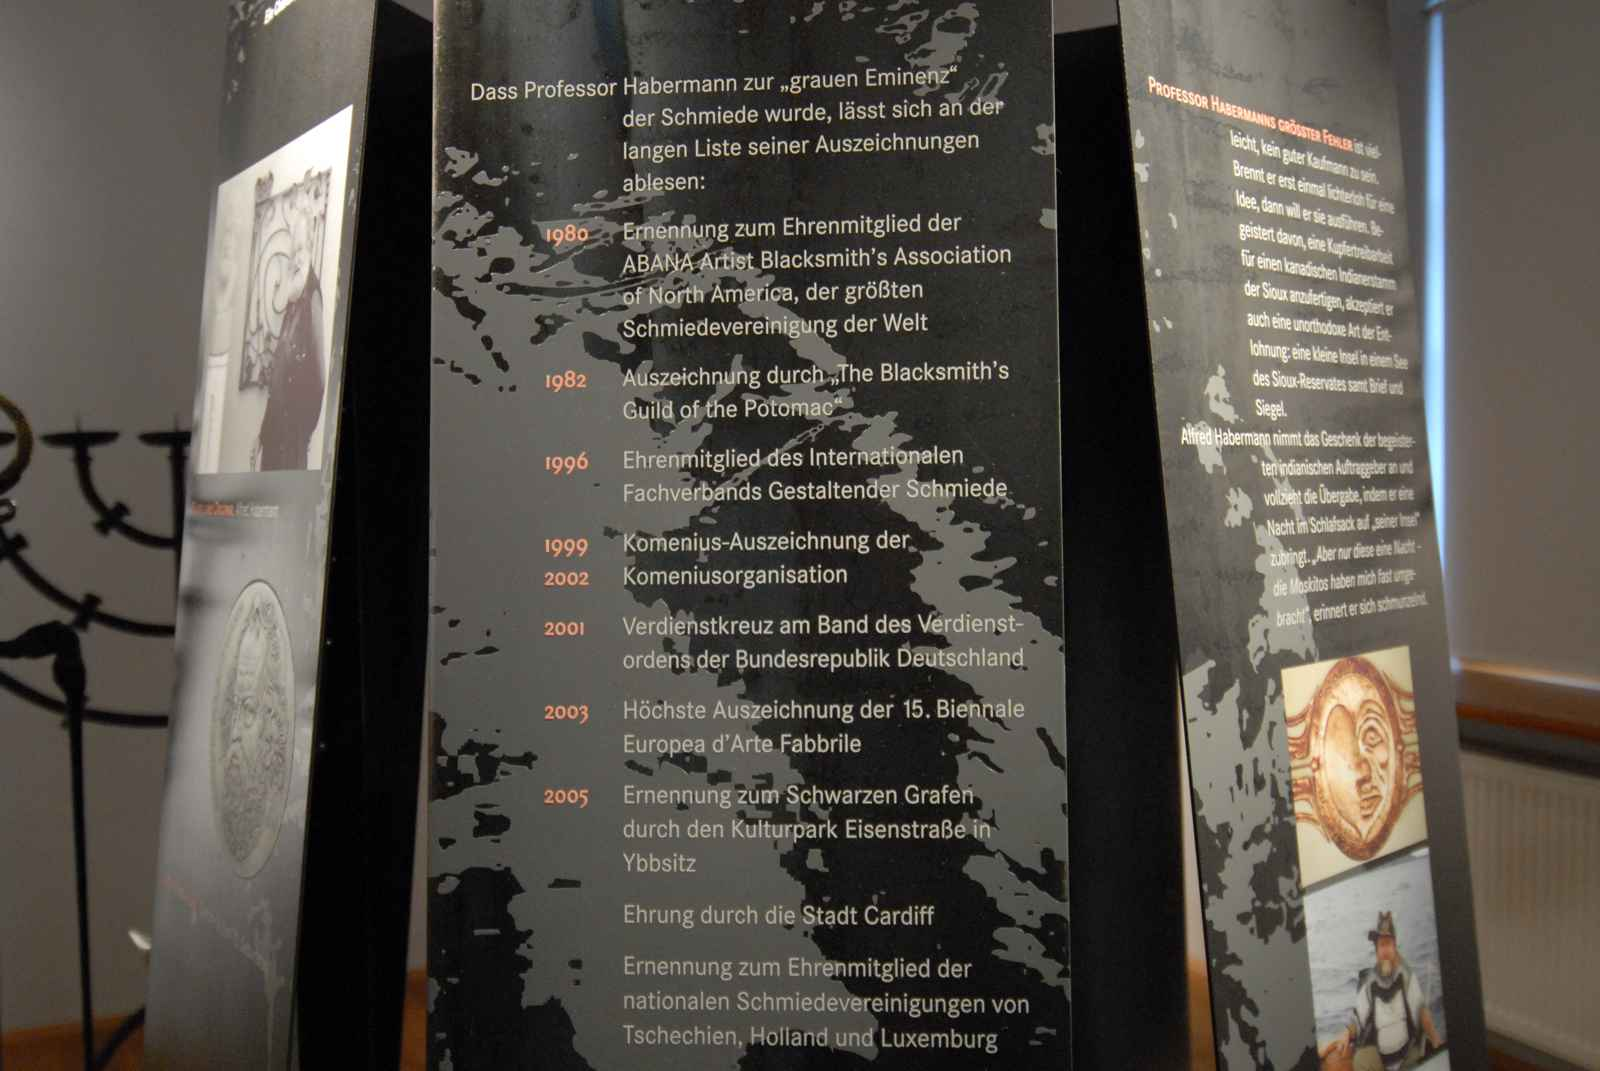 Biografiestelen kreisförmig angeordnet. Direktdruck auf Schwarzblech.